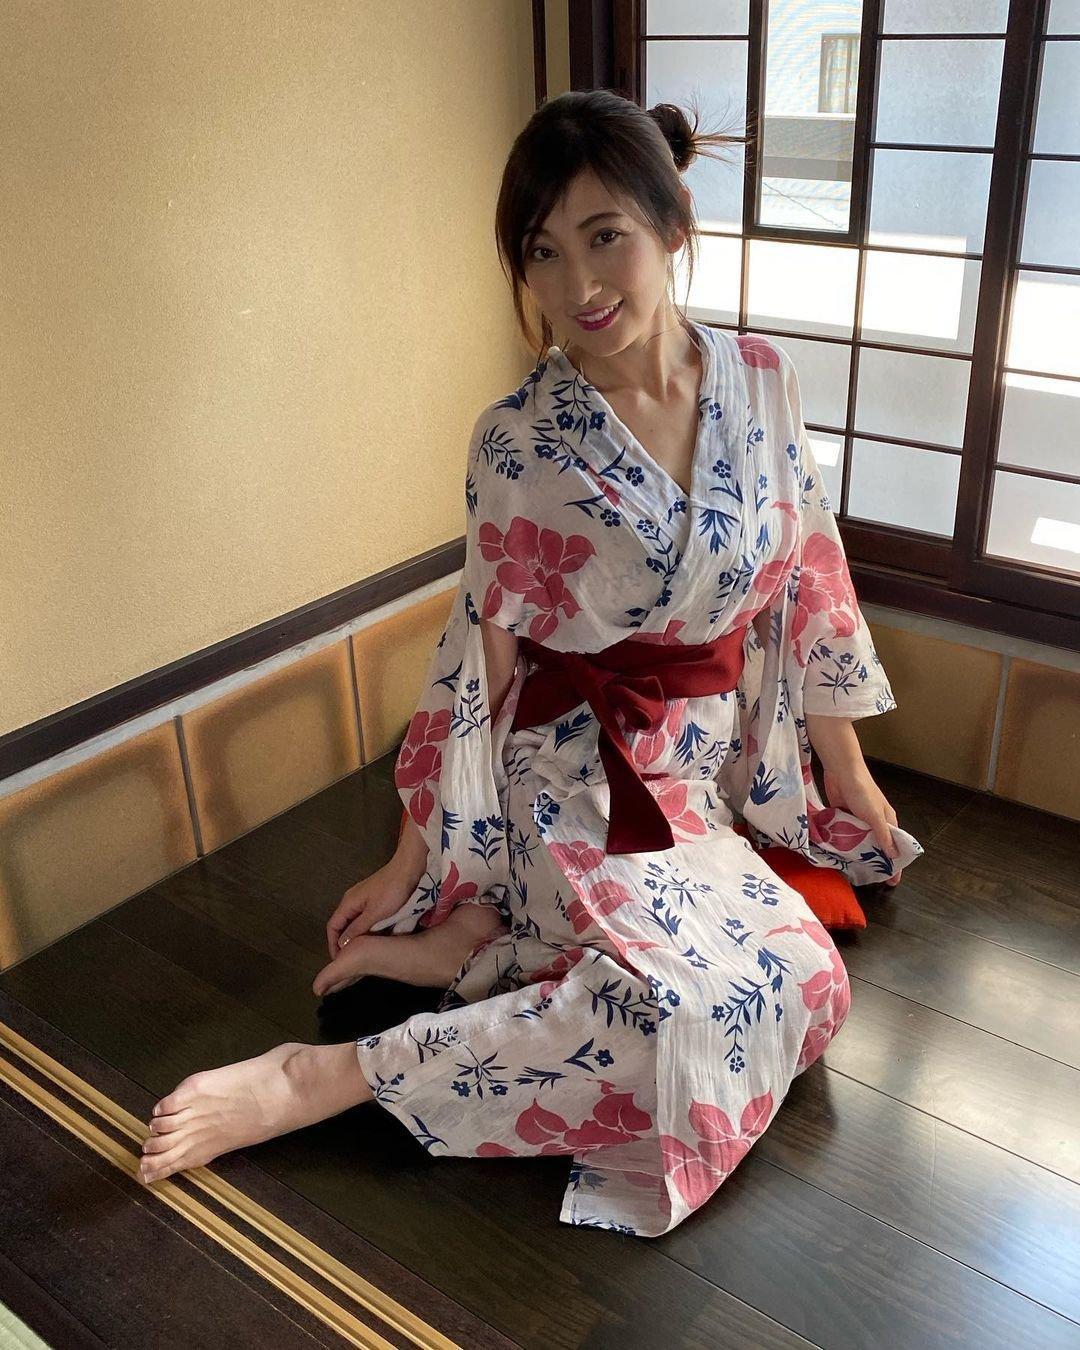 'Nữ thần áo tắm' Nhật Bản khiến bao người mê đắm bị chồng bạo hành Ảnh 3